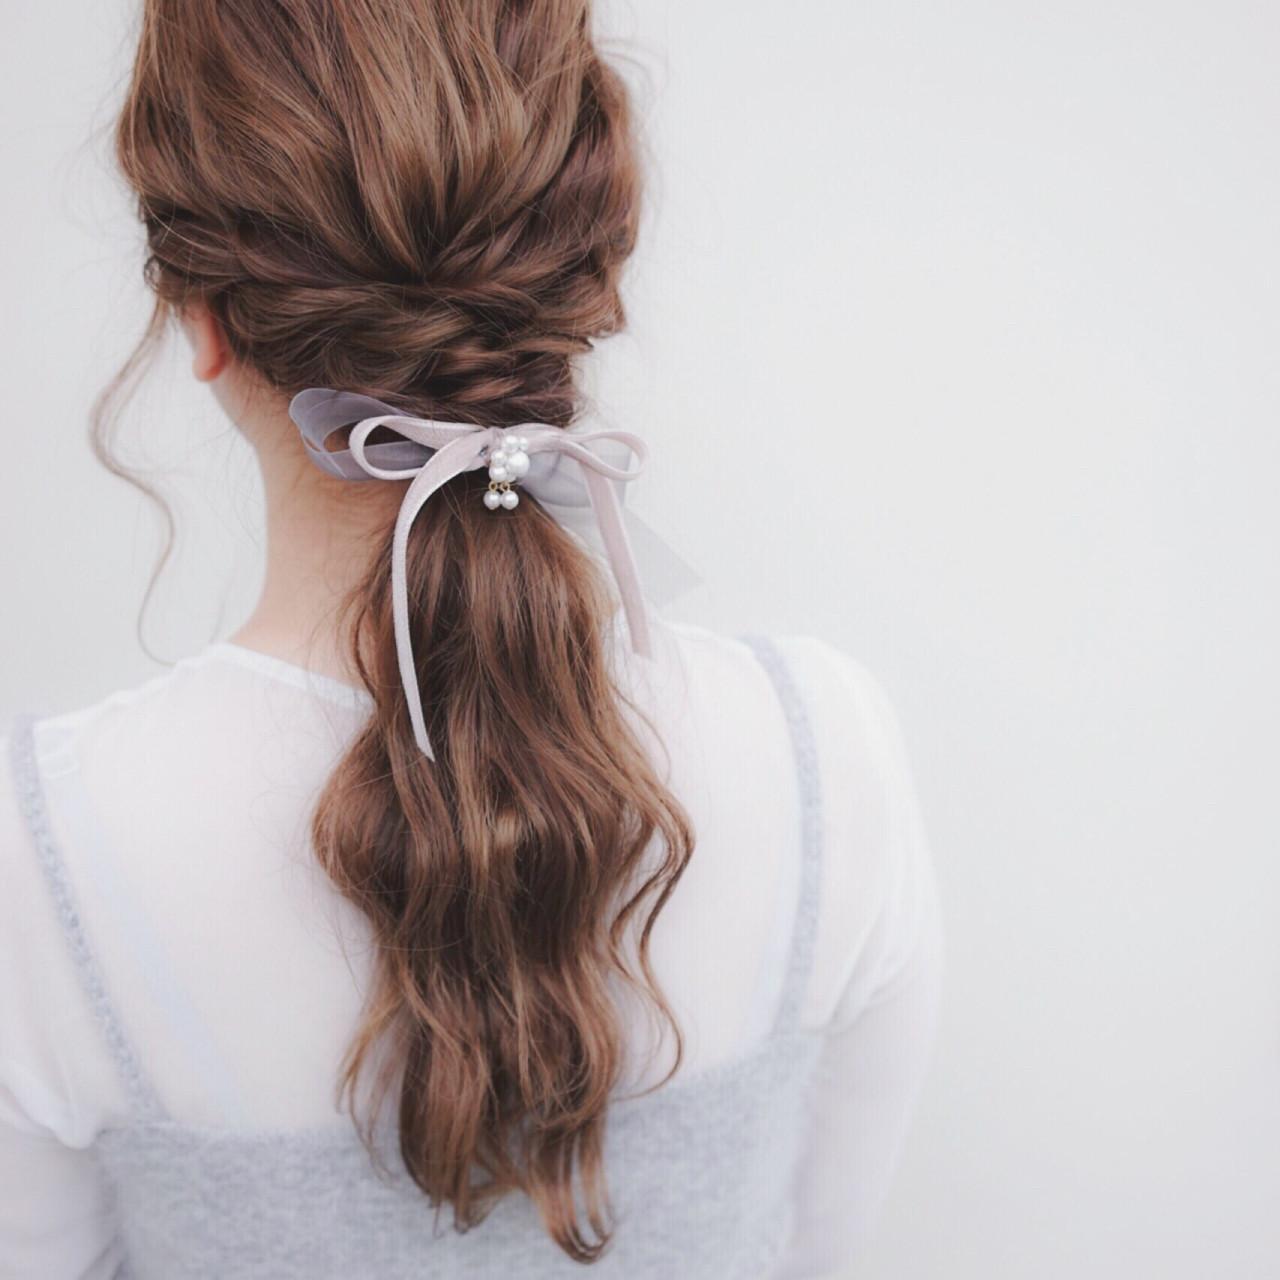 ポニーテール×スカーフで作る簡単可愛いヘアスタイル♡ 鈴木 貴仁